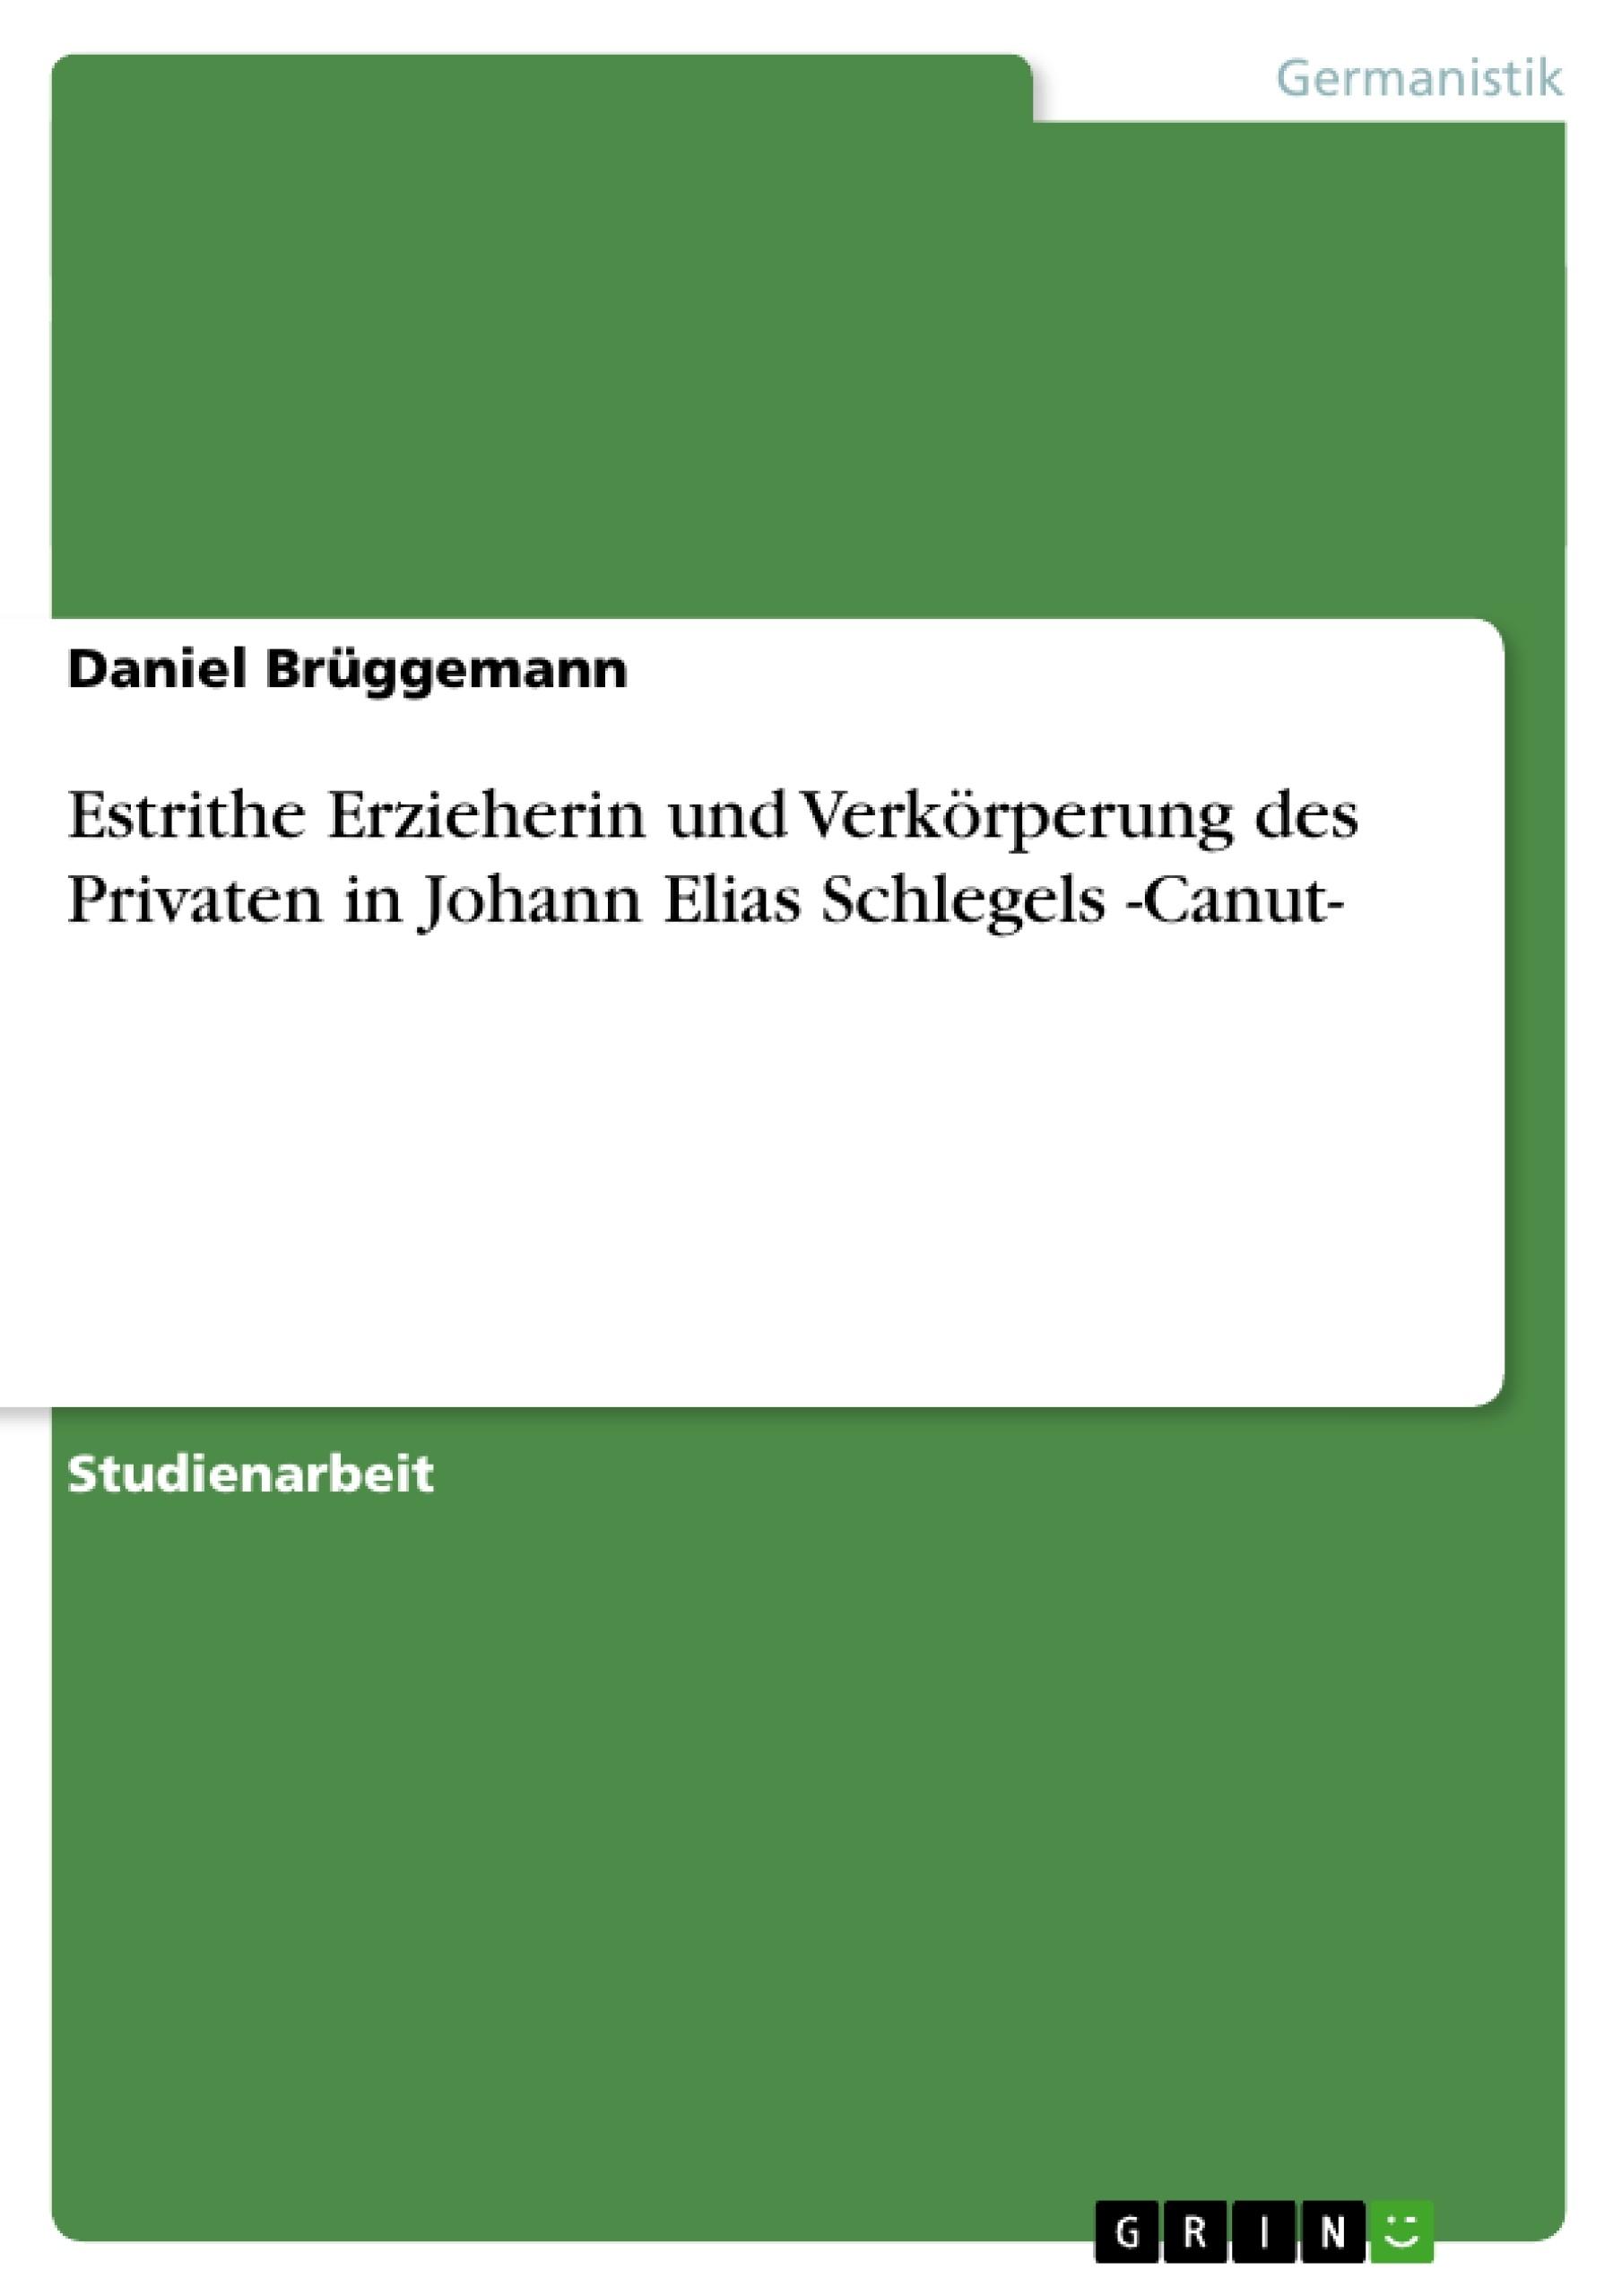 Titel: Estrithe Erzieherin und Verkörperung des Privaten in Johann  Elias Schlegels -Canut-